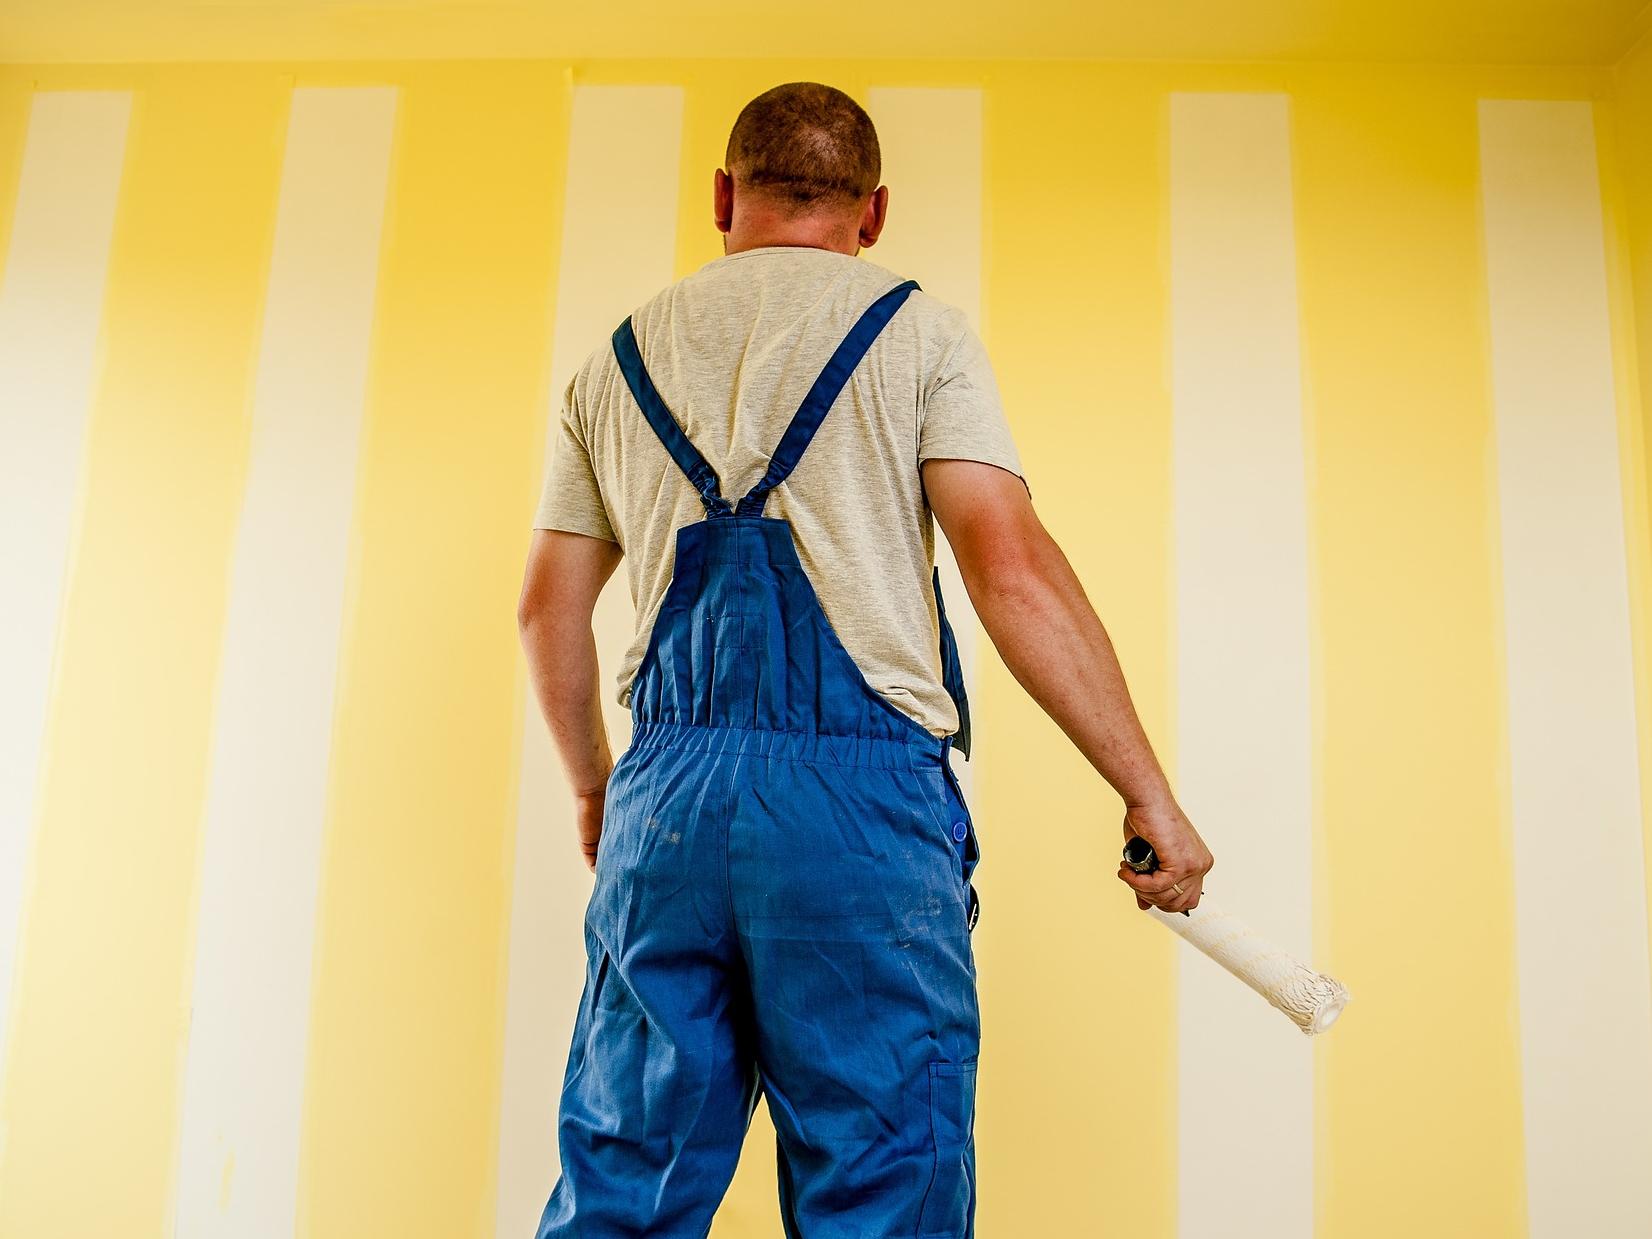 Malování se dá vyhnout díky tapetám